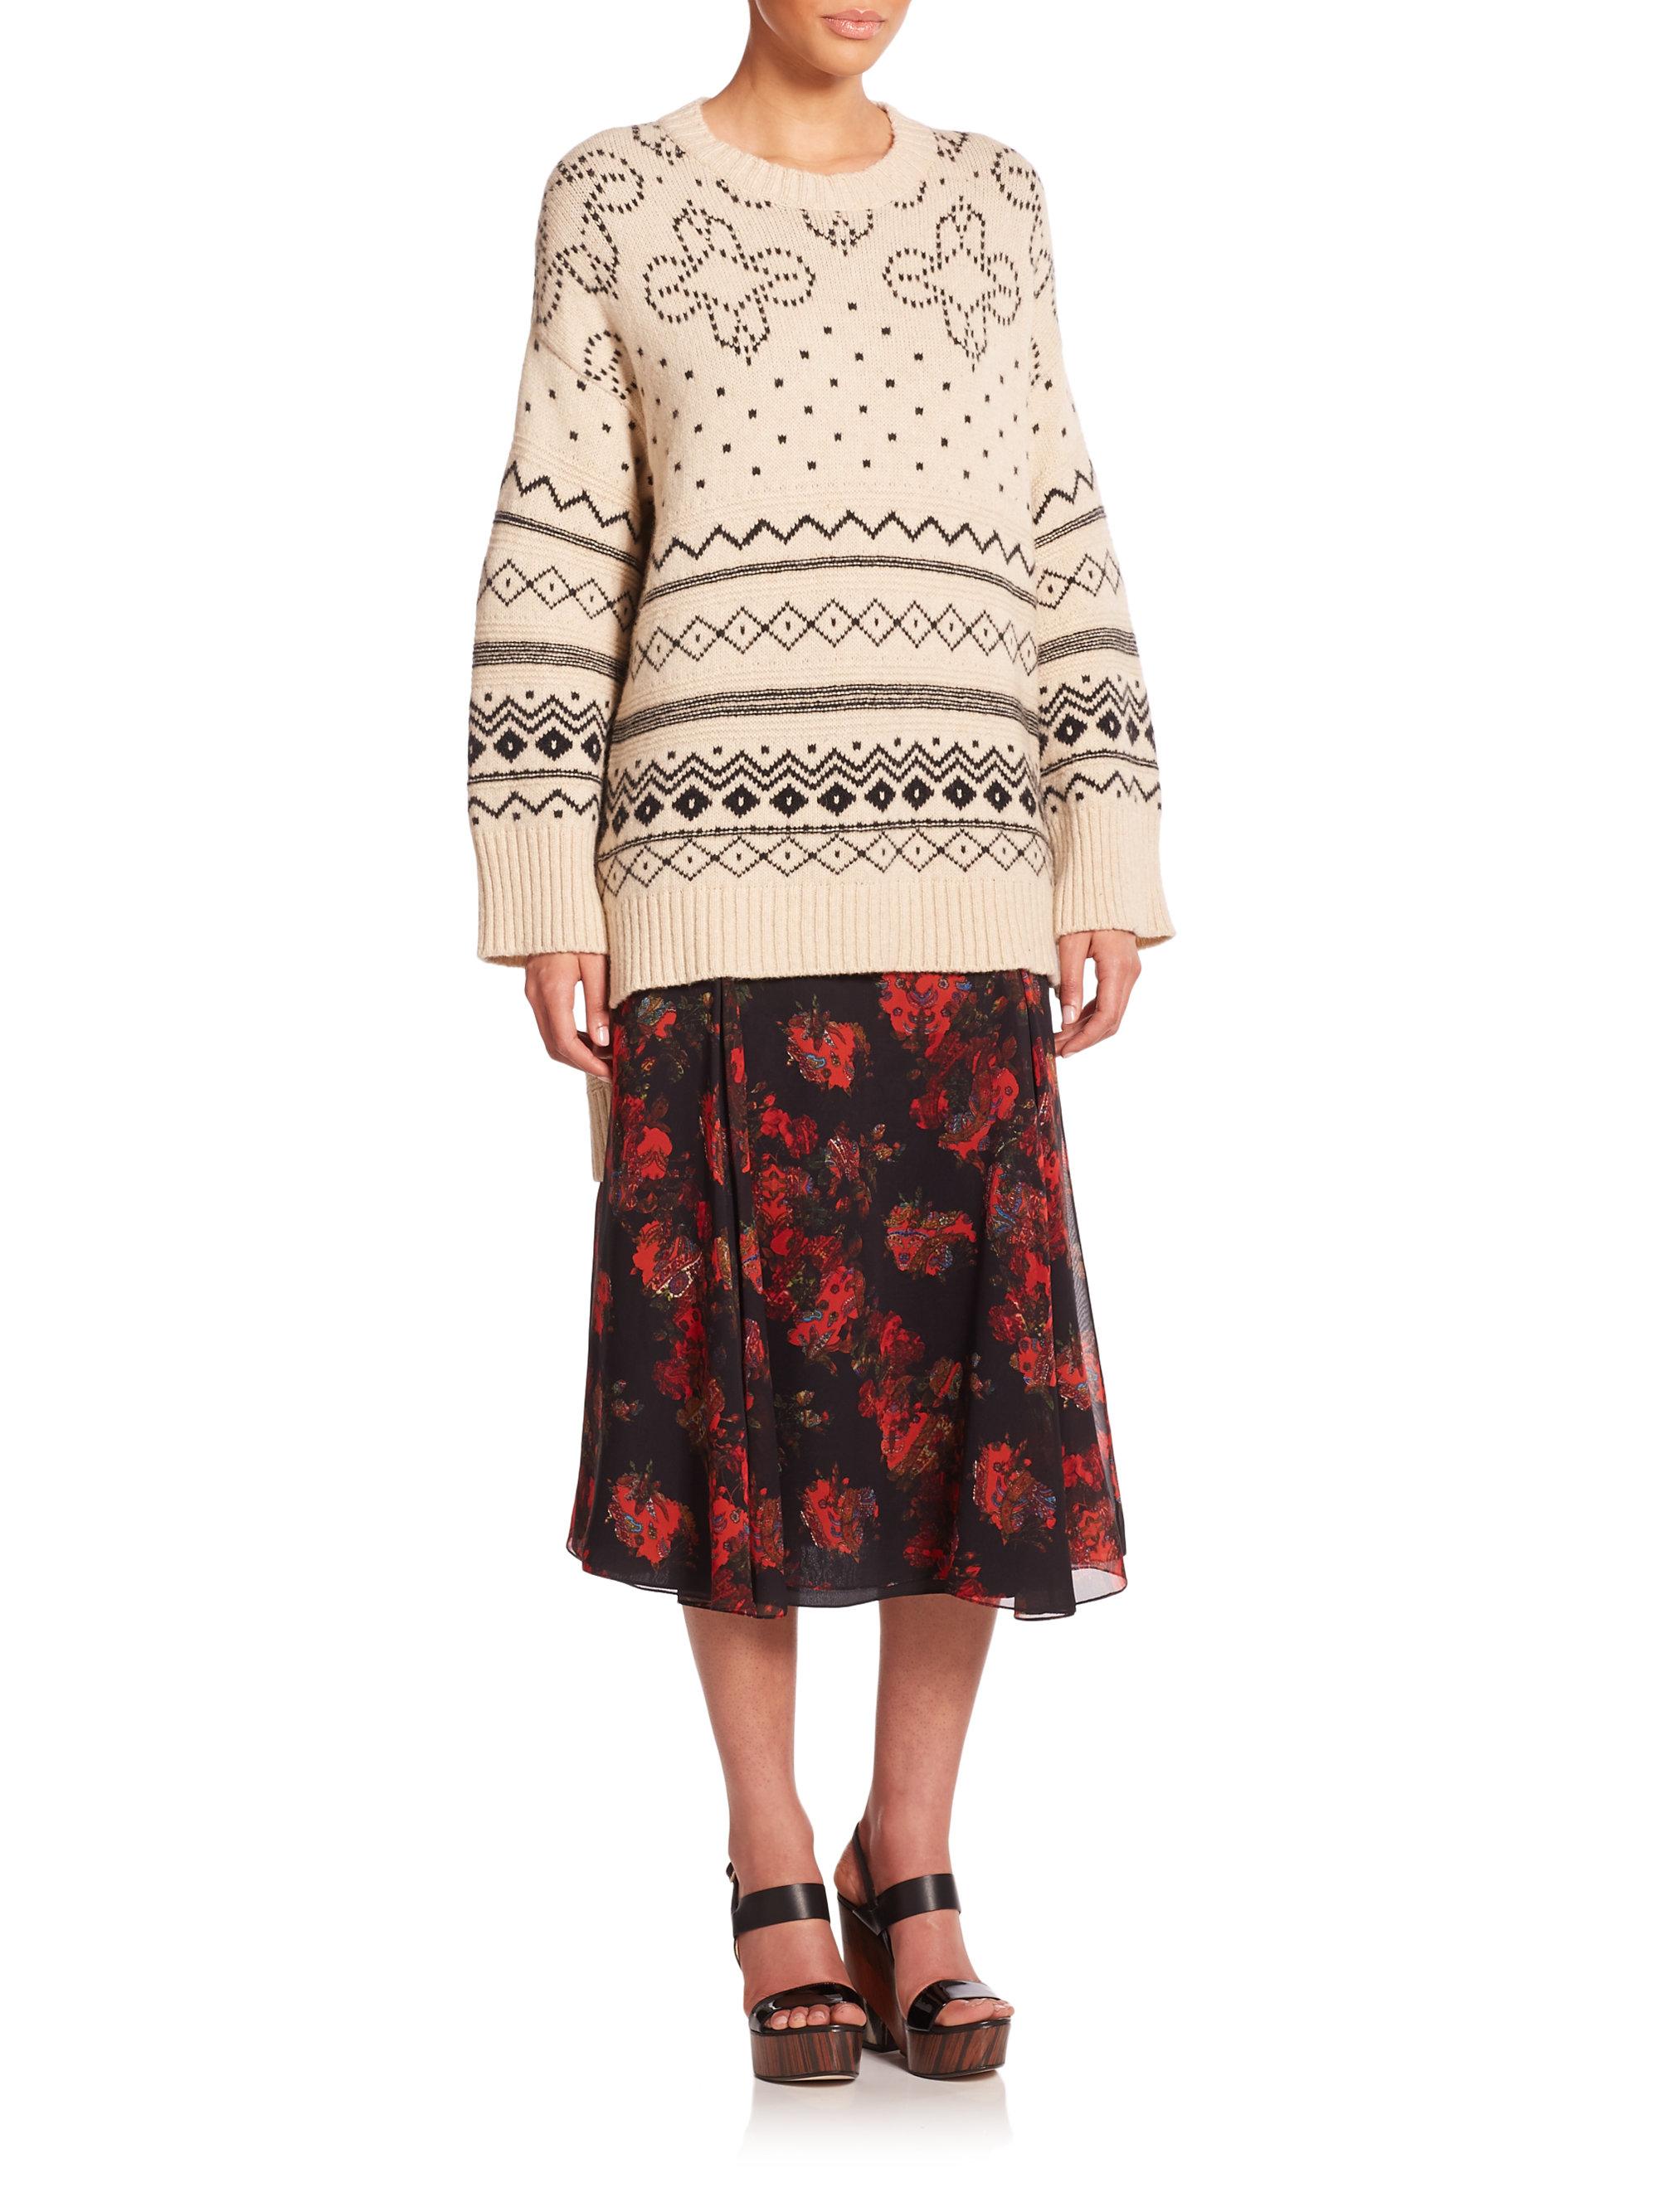 Thakoon Oversized Fairisle Sweater in Natural | Lyst